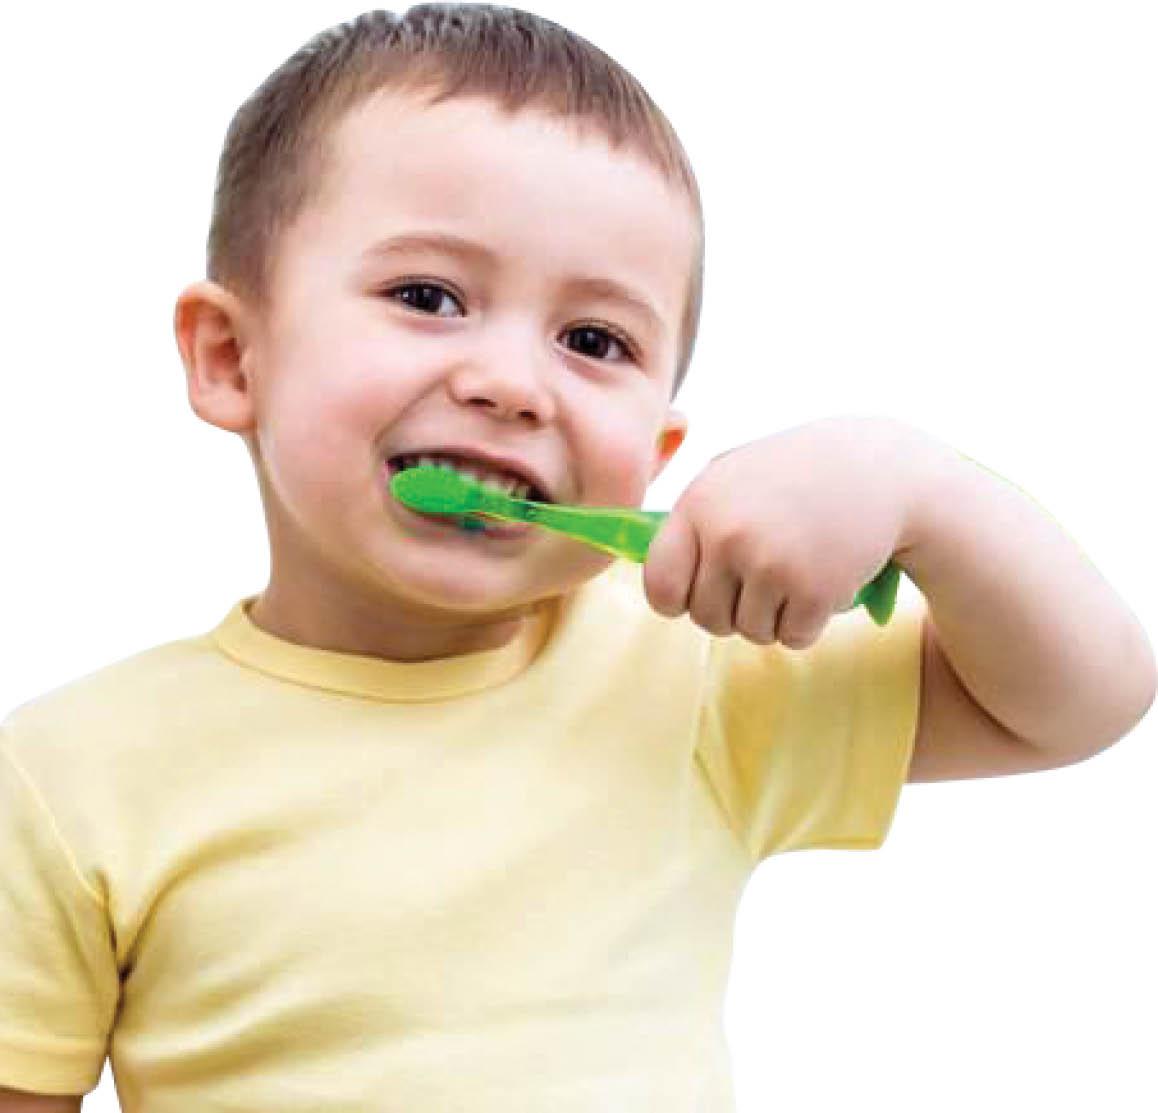 چگونه کودکان را به مسواک زدن عادت دهیم؟